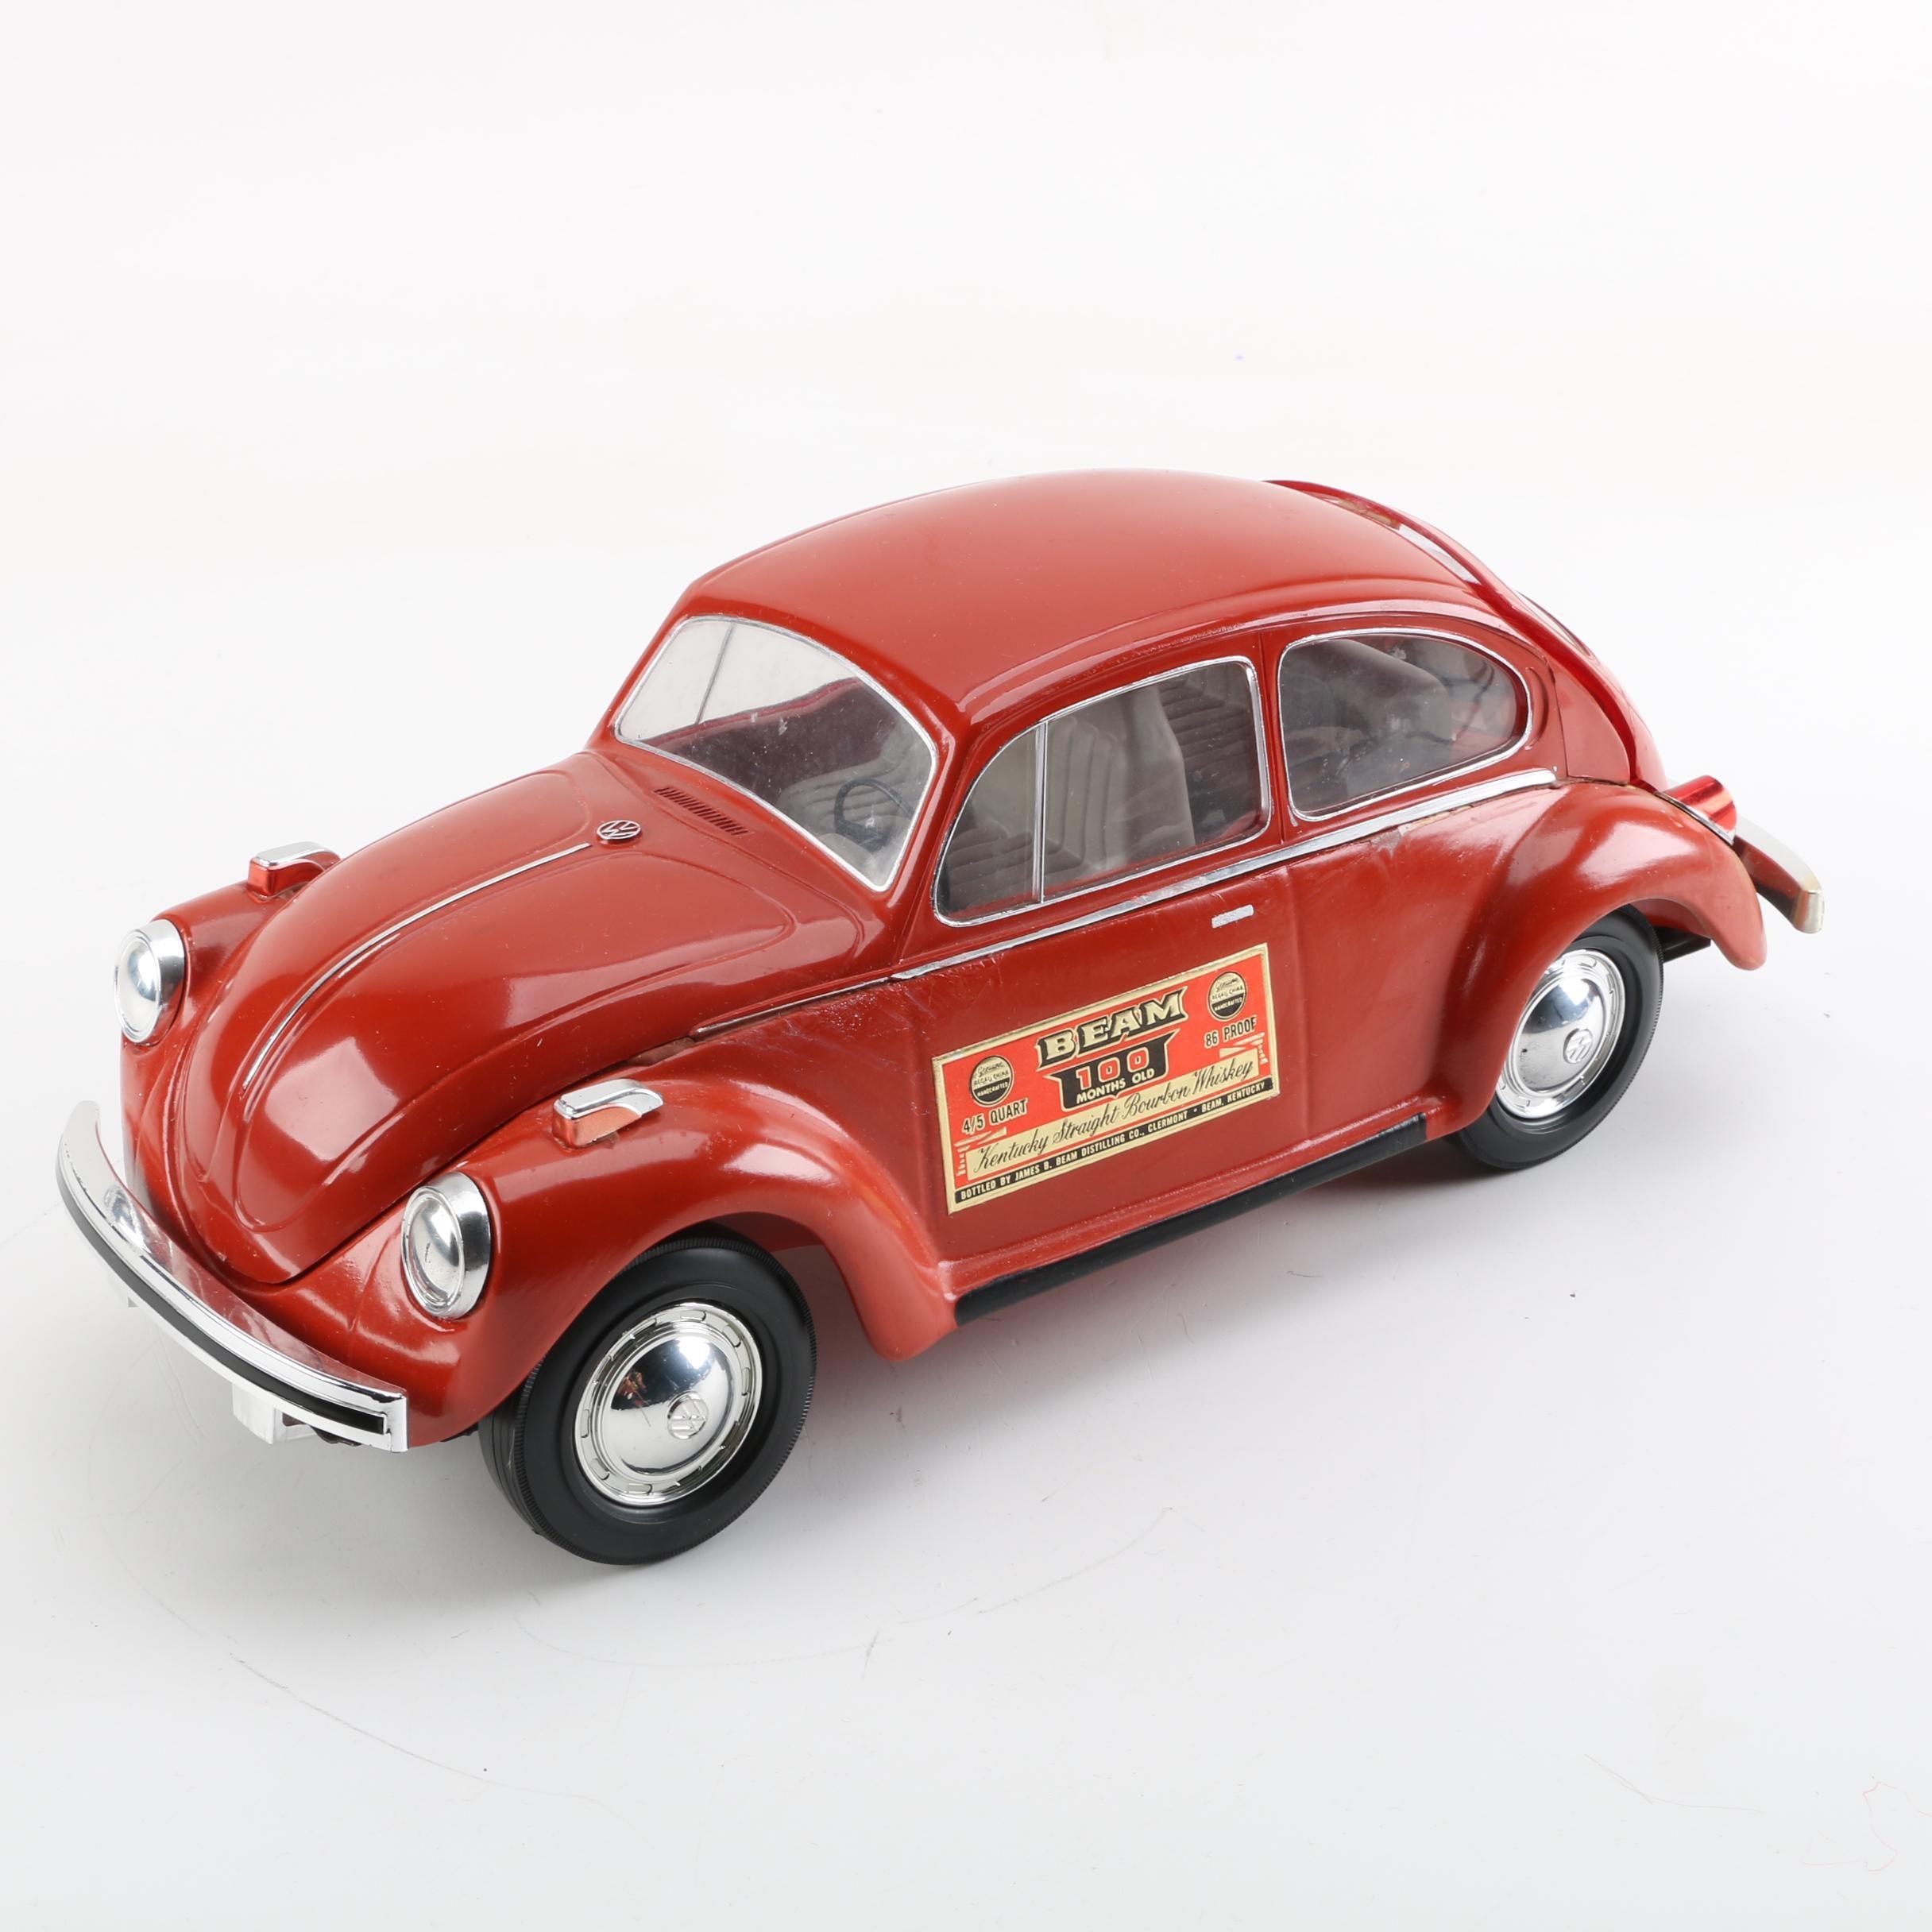 Vintage 1970' Jim Beam Volkswagen Beetle Decanter